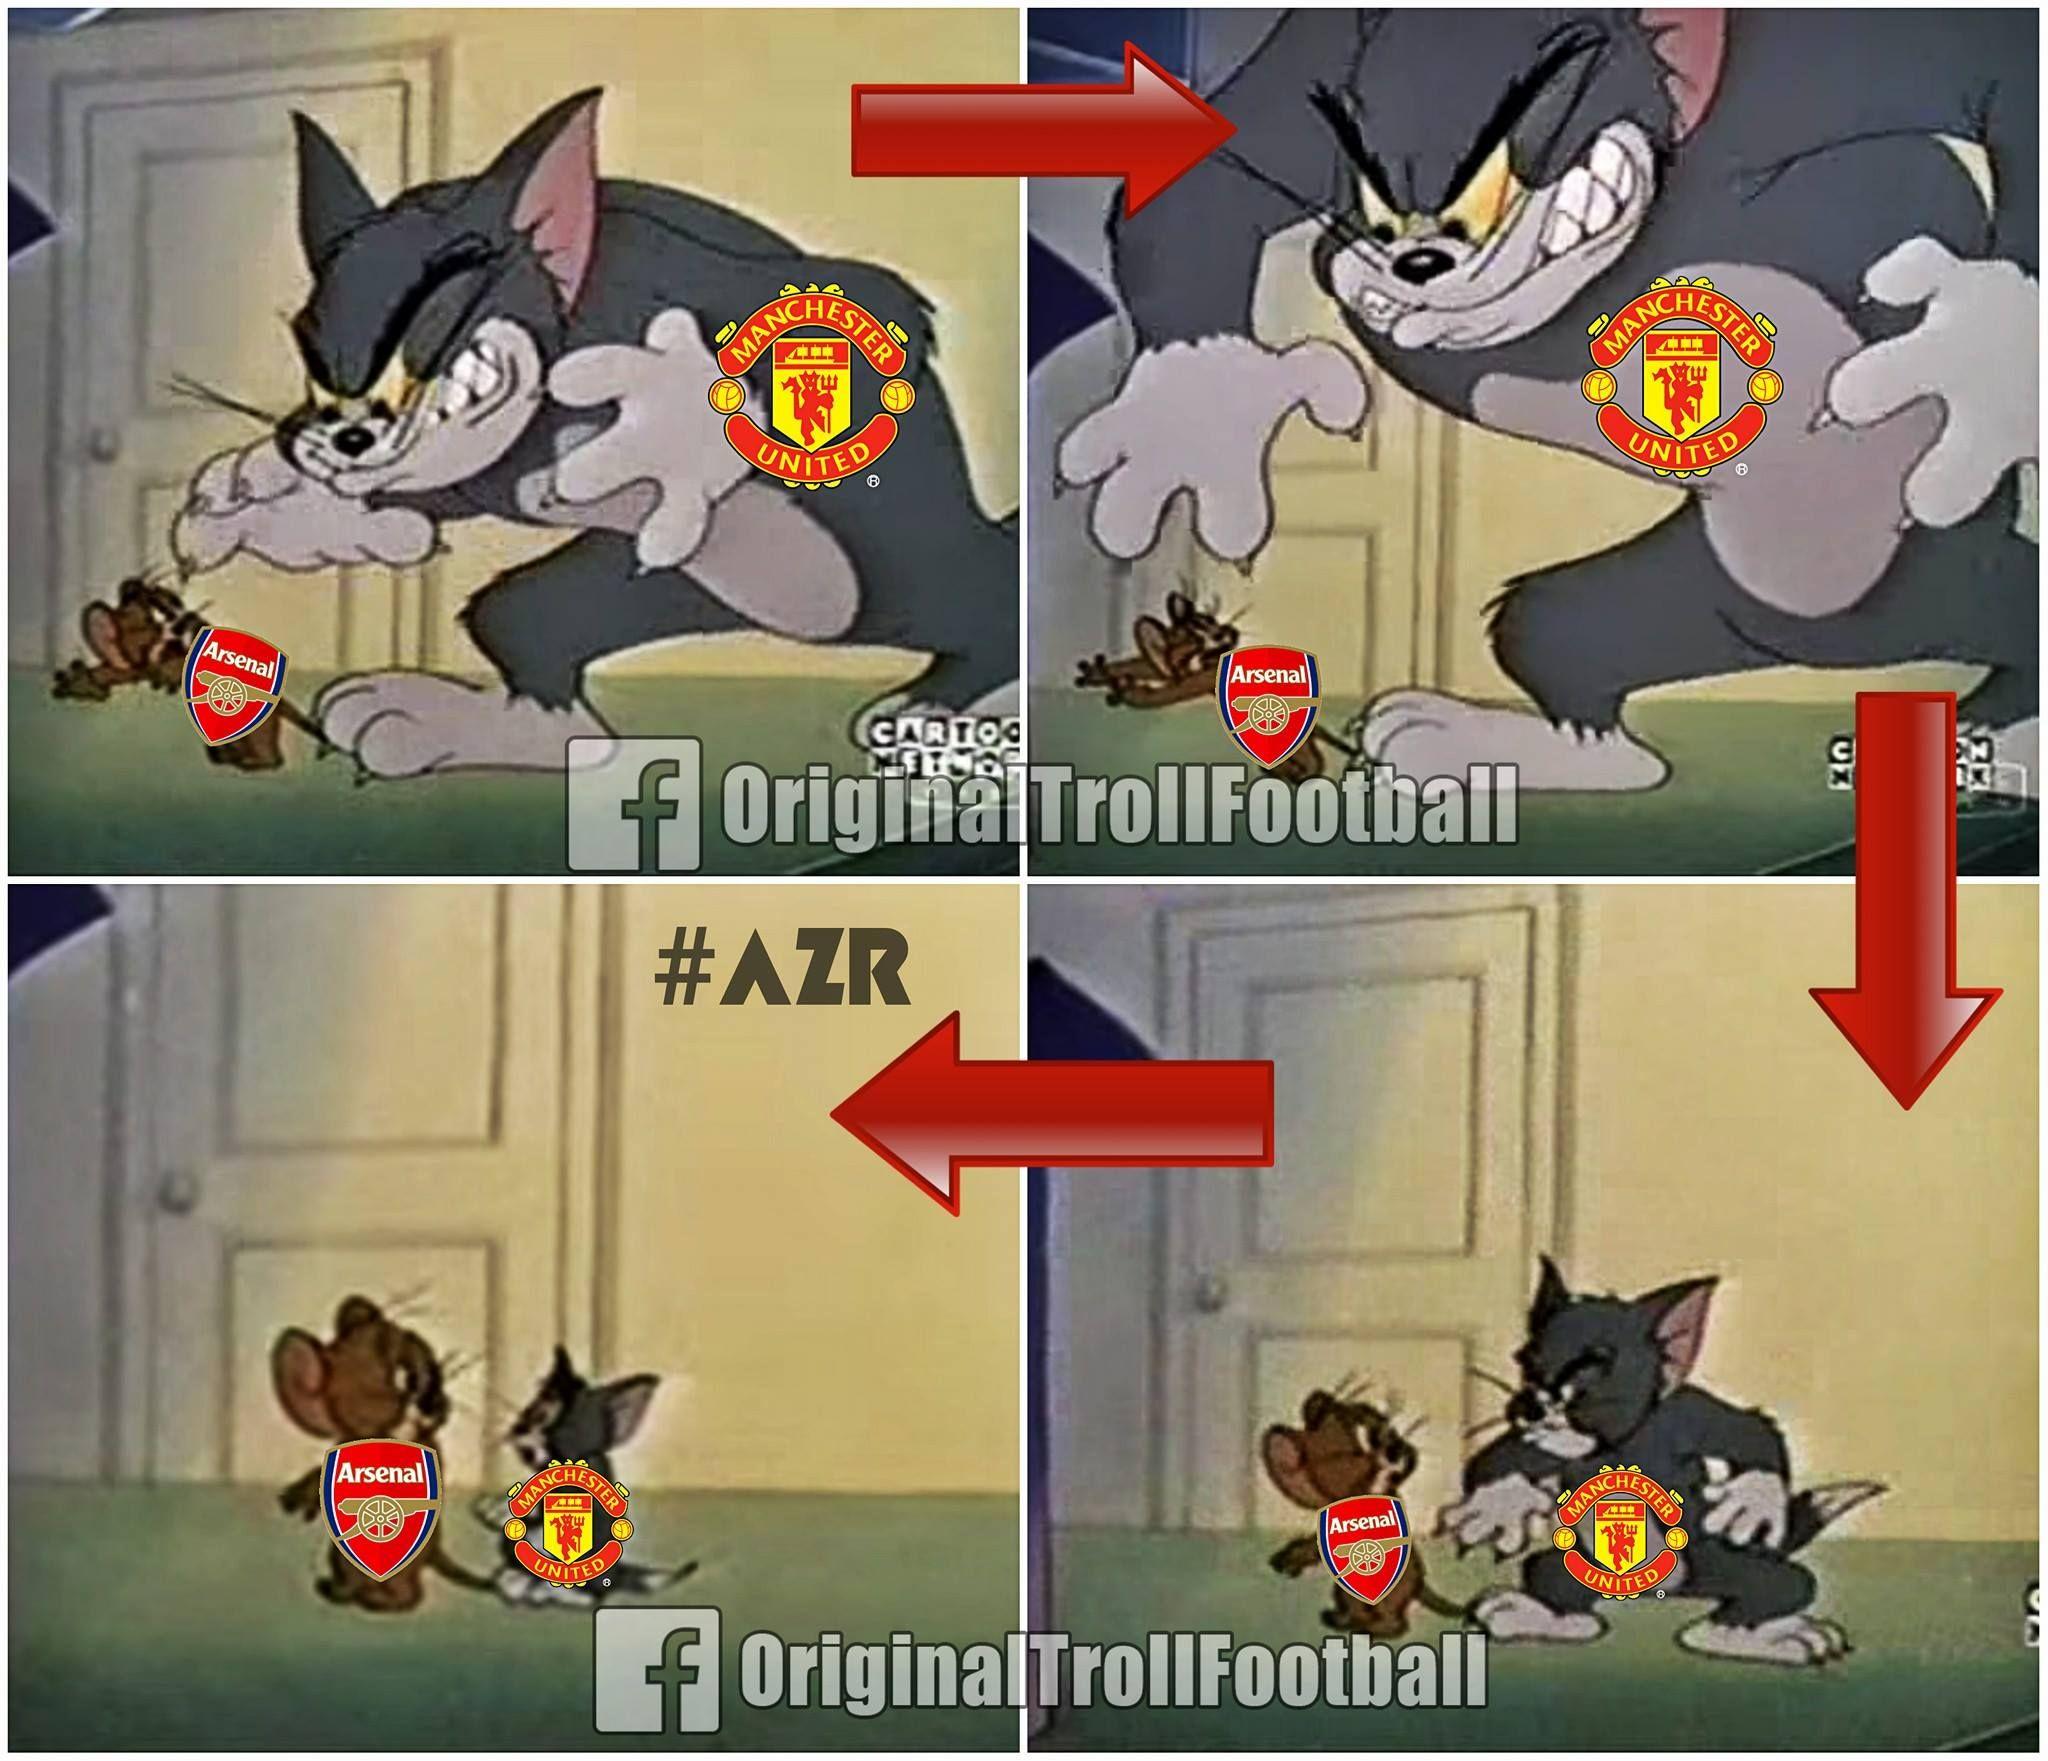 Arsenal Vs Manchester United Arsenal Vs Manchester United Football Jokes Manchester United